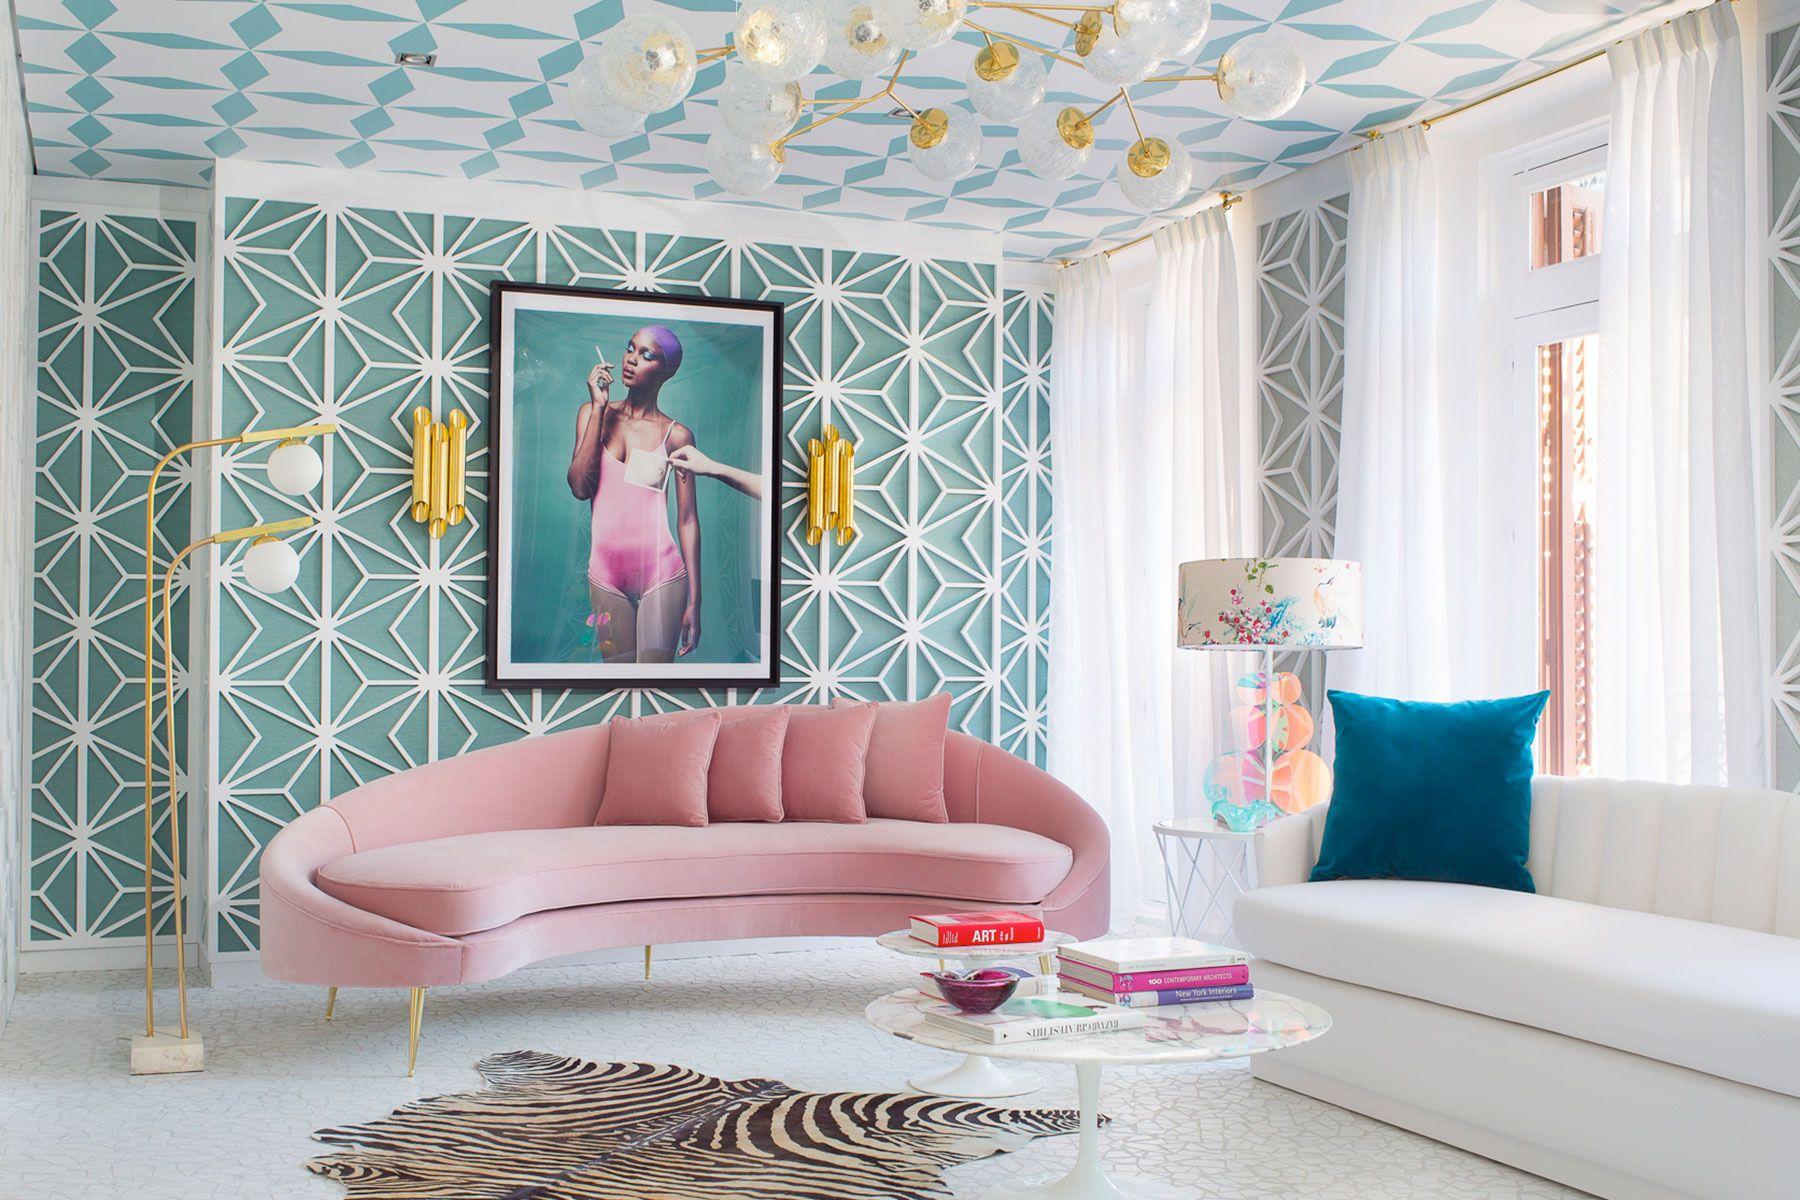 Casa decor las ltimas tendencias en decoraci n que no te for Ultimas tendencias en decoracion de apartamentos